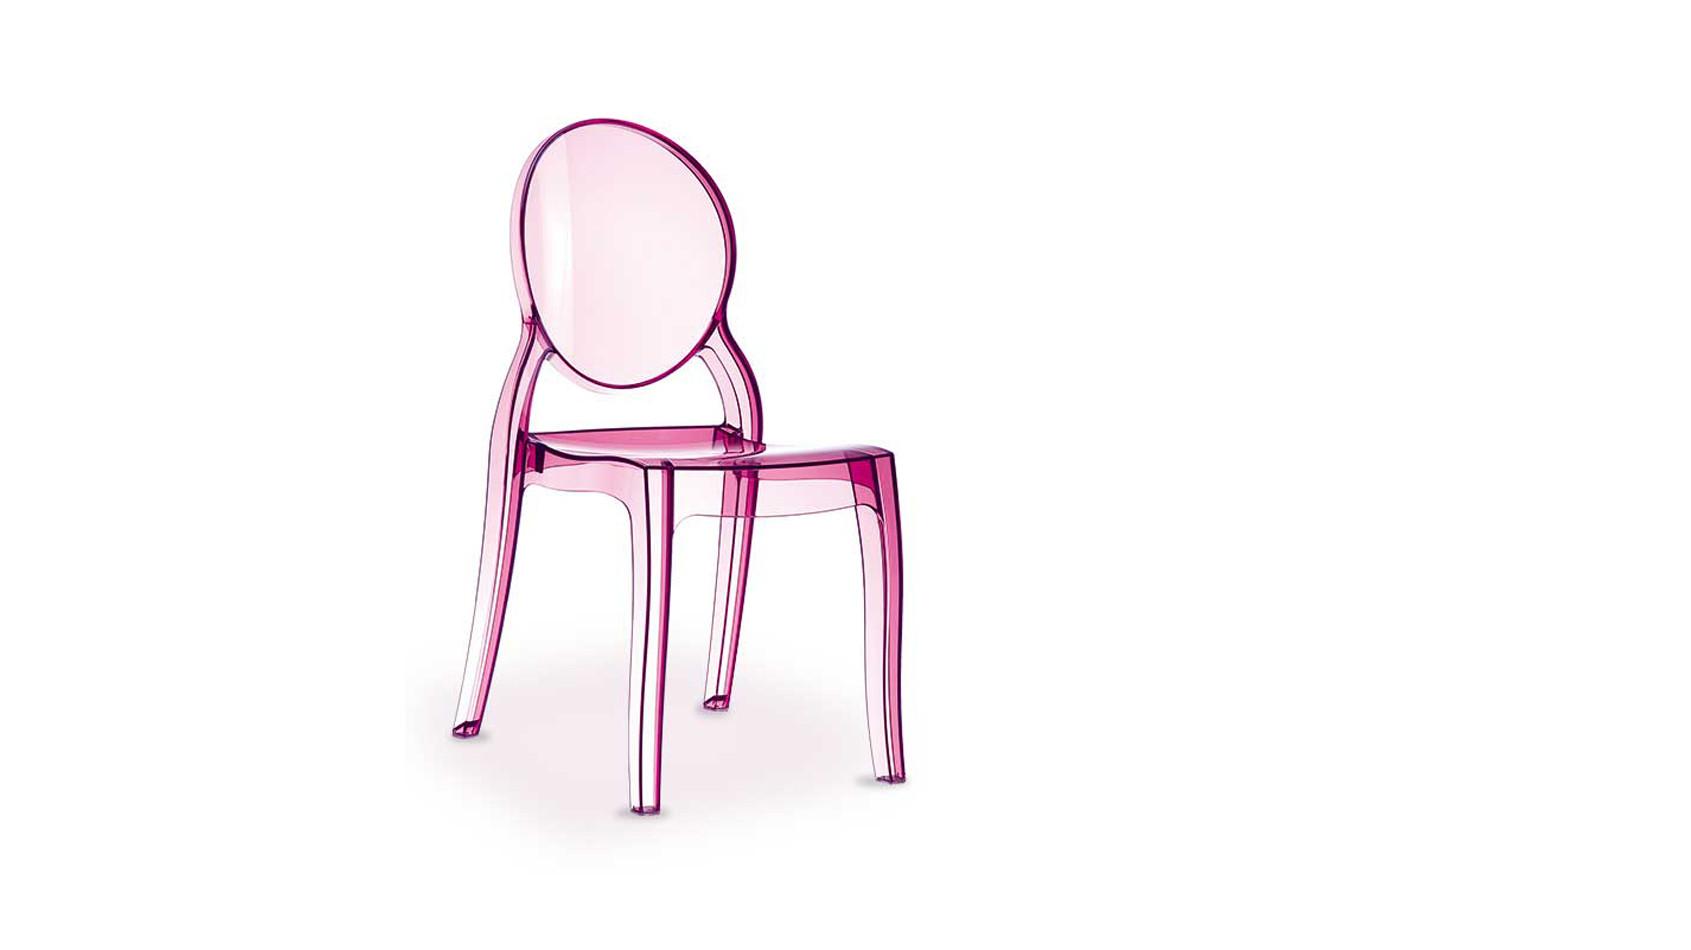 Pink- Rosafarbene transparente Ghost Acryl Plexiglas Stühle, aus hochfestem unempfindlichem Polycarbonat.